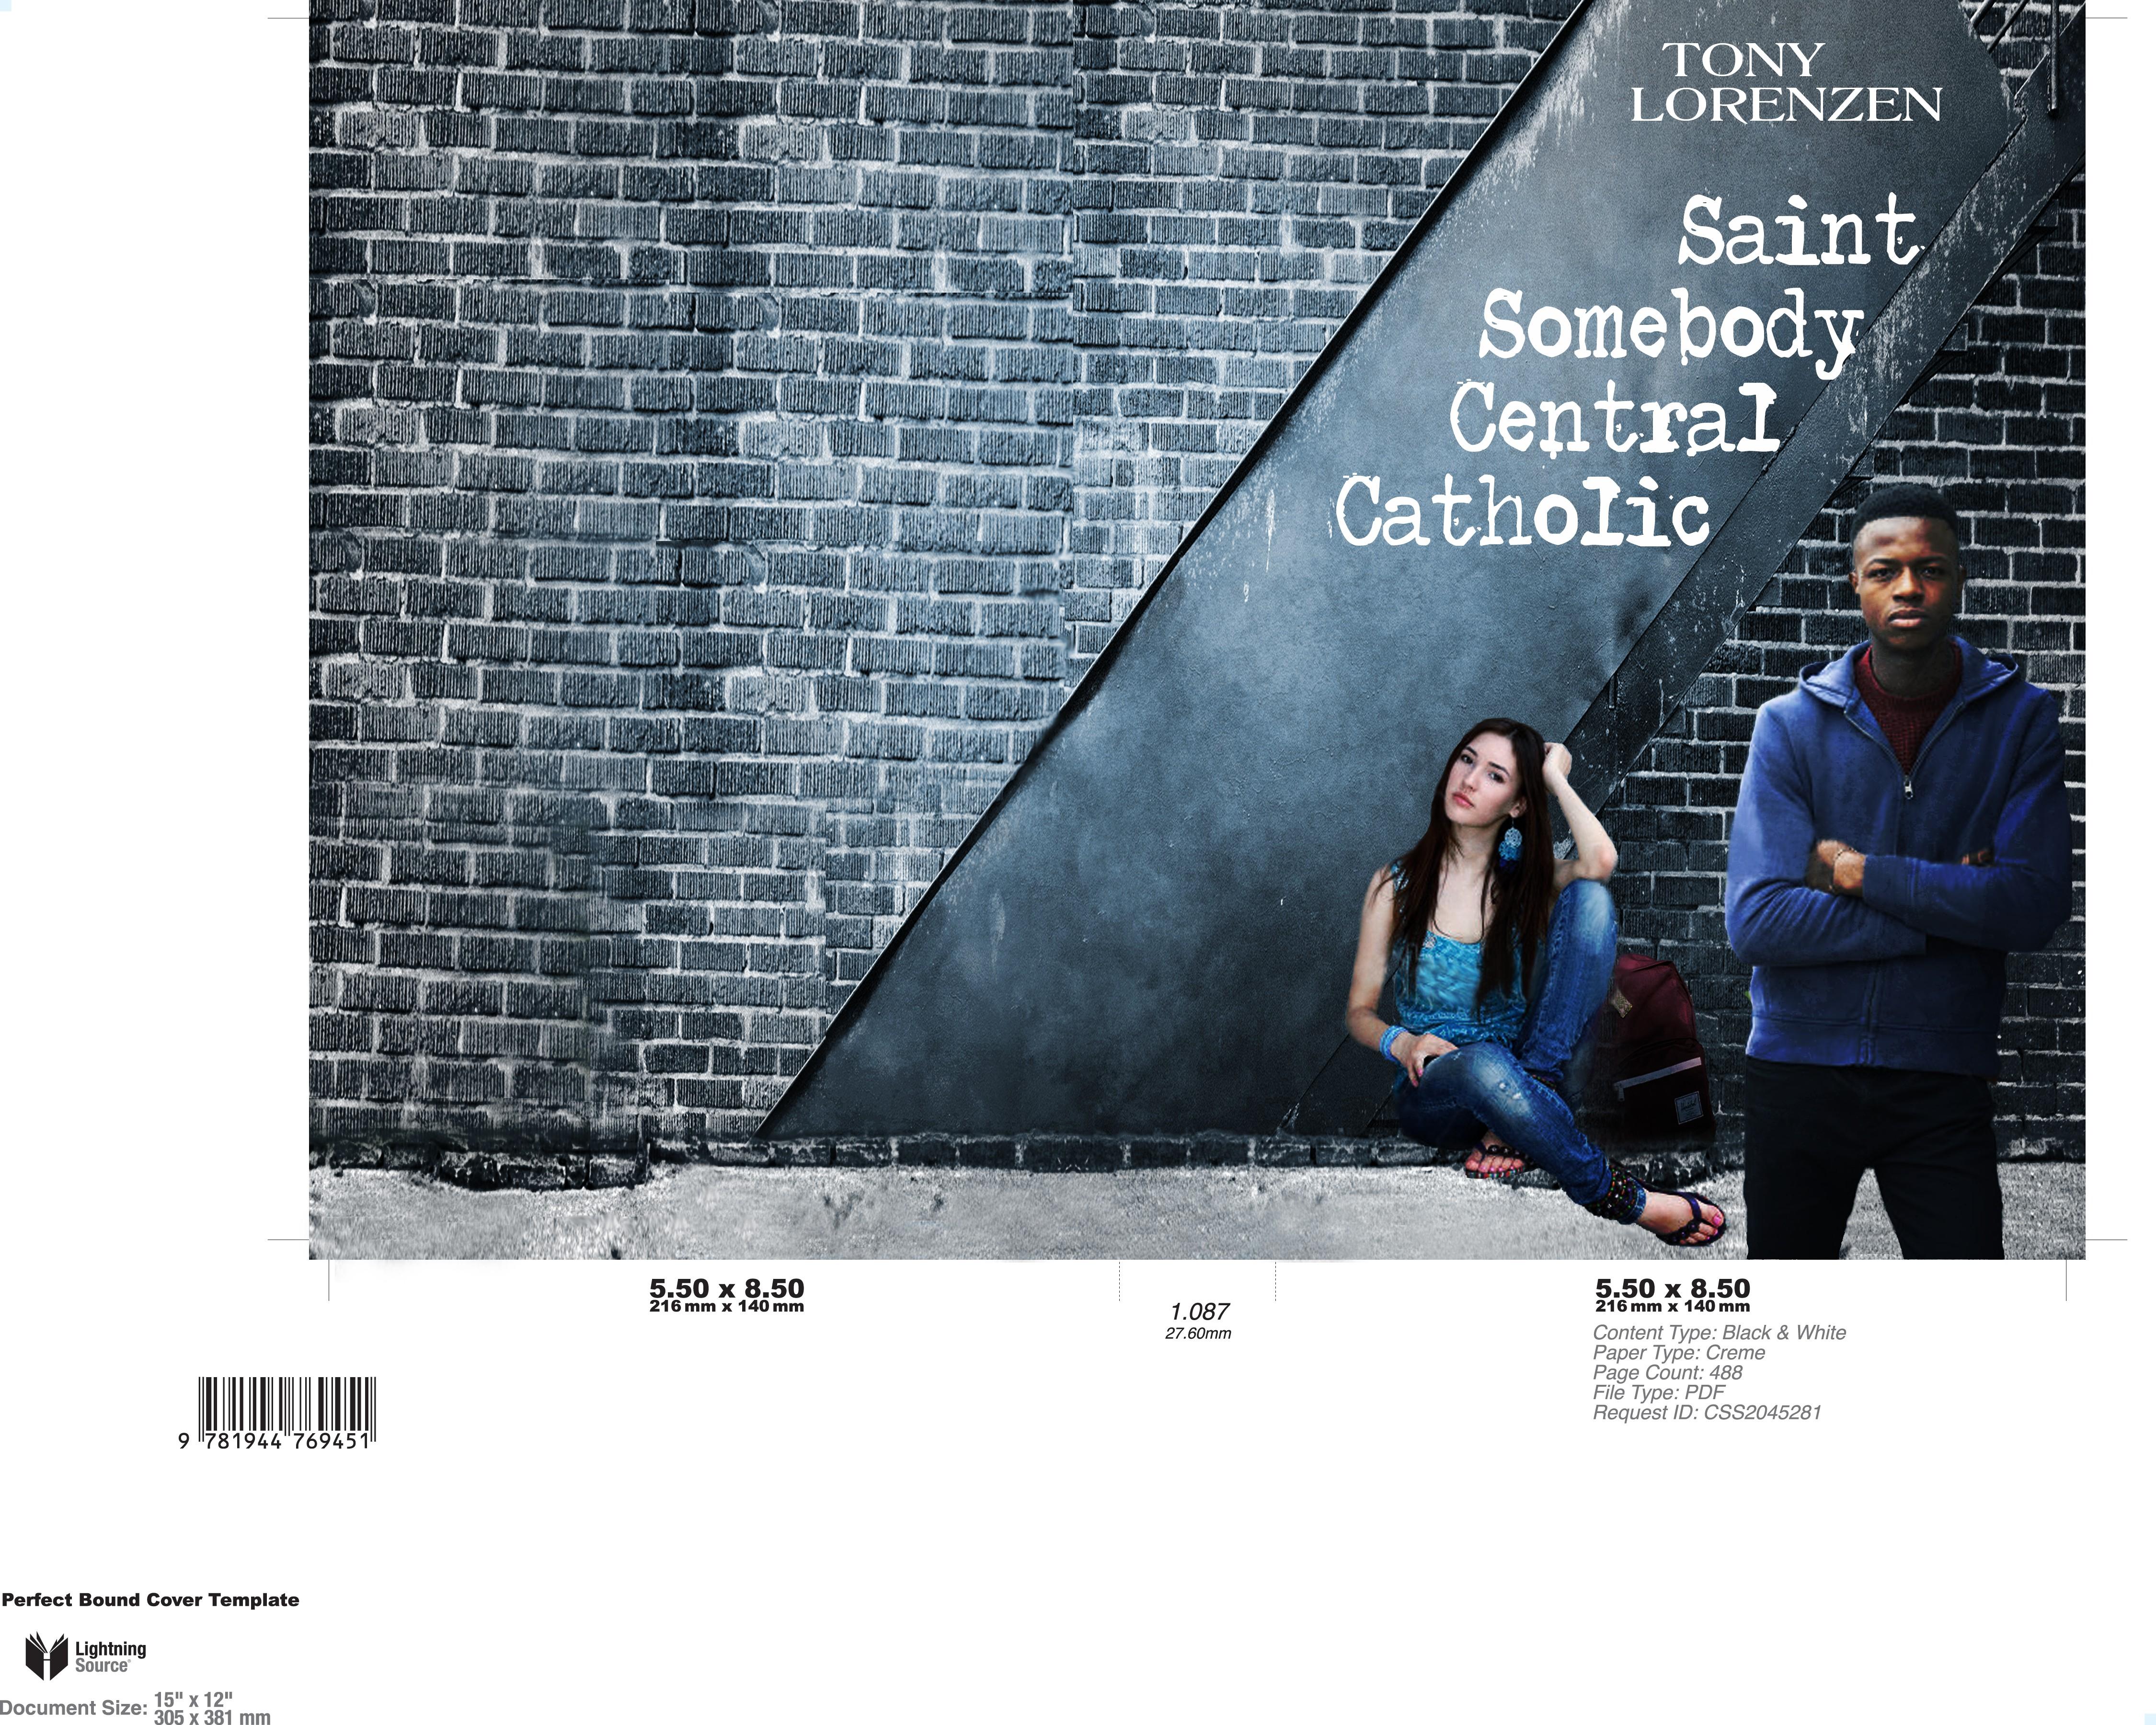 Saint Somebody